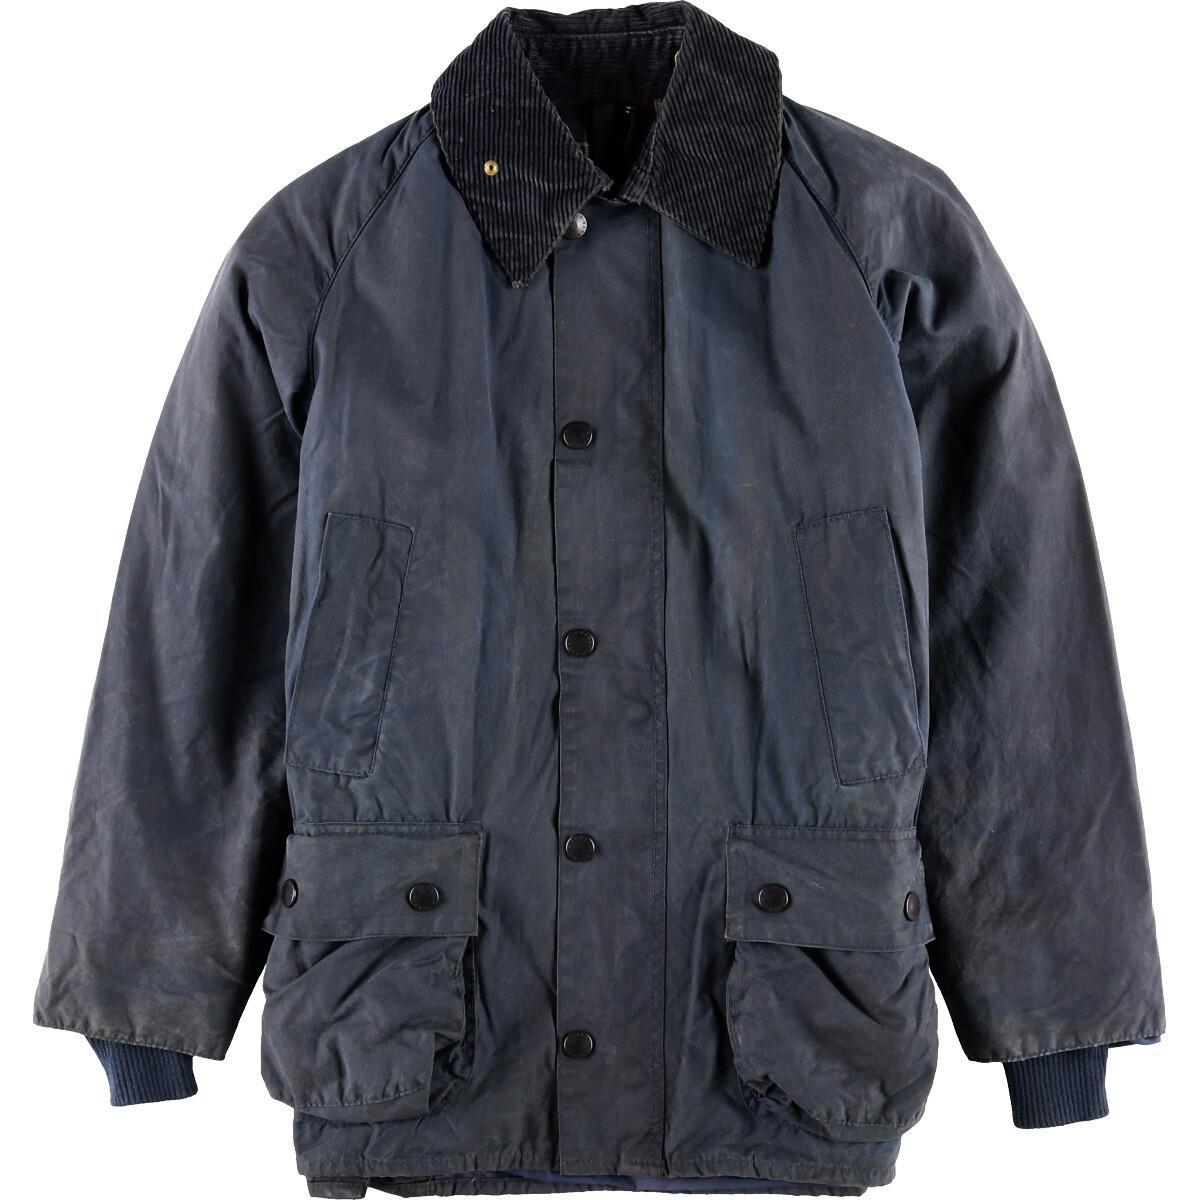 80~90年代 バブアー Barbour BEDALE ビデイル 旧3ワラント ワックスコットン オイルドジャケット C36 メンズS ヴィンテージ /wbh7405 【中古】 【190912】【TS2001】